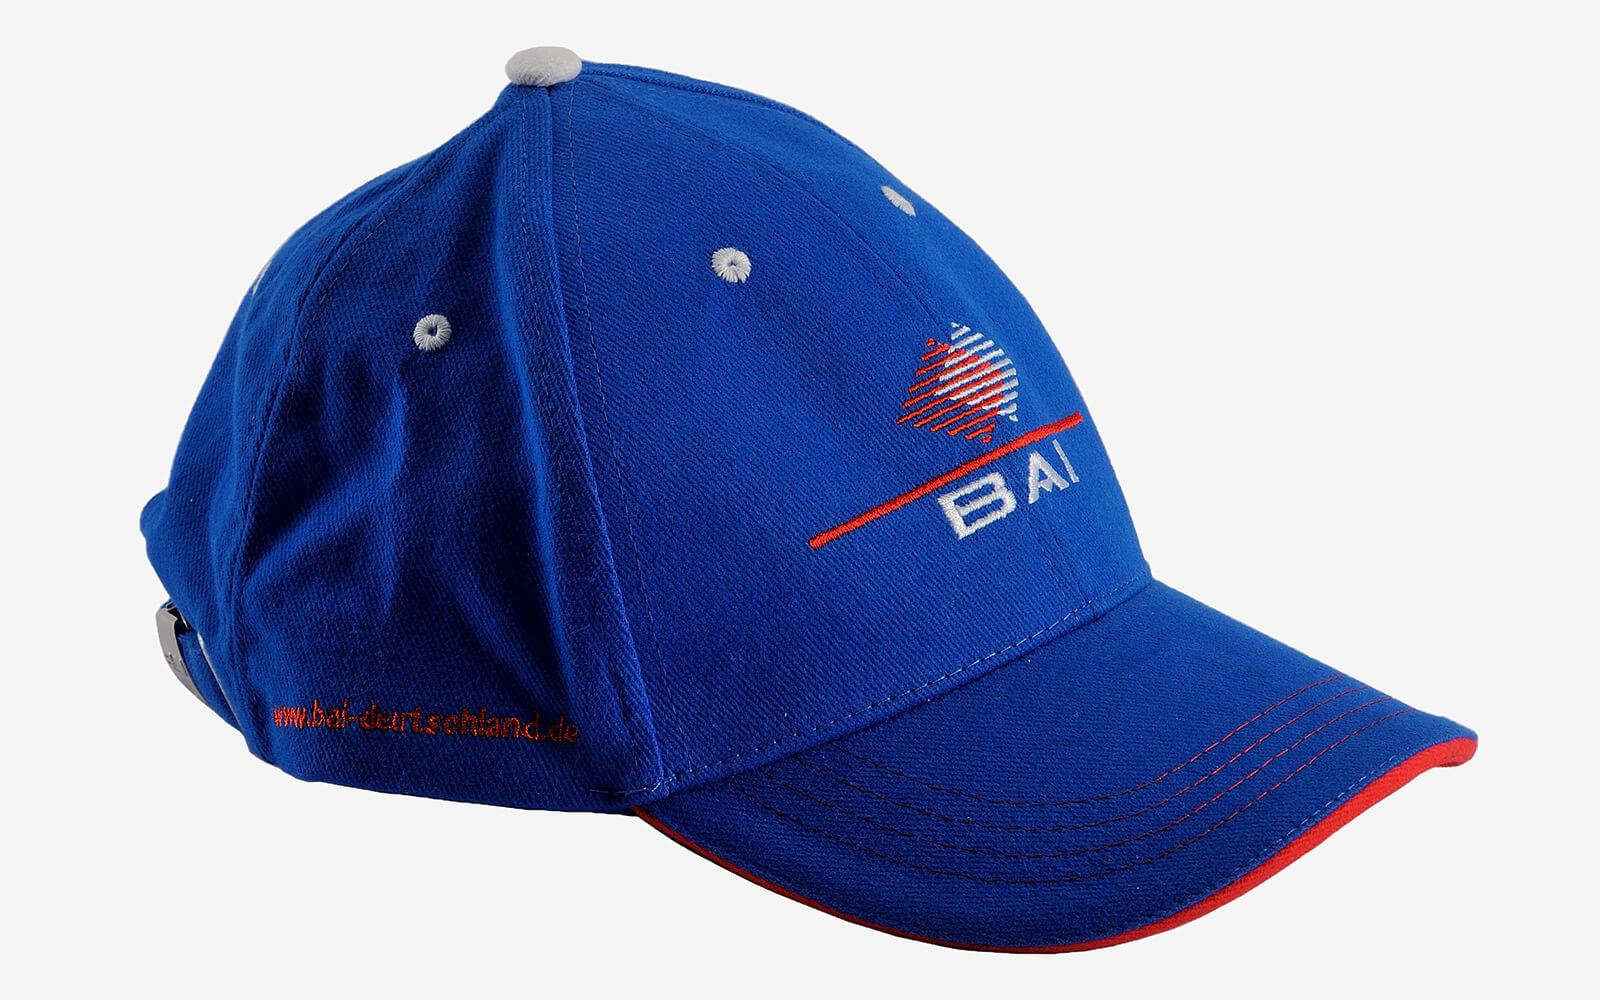 Cappello ricamato con cuciture a contrasto